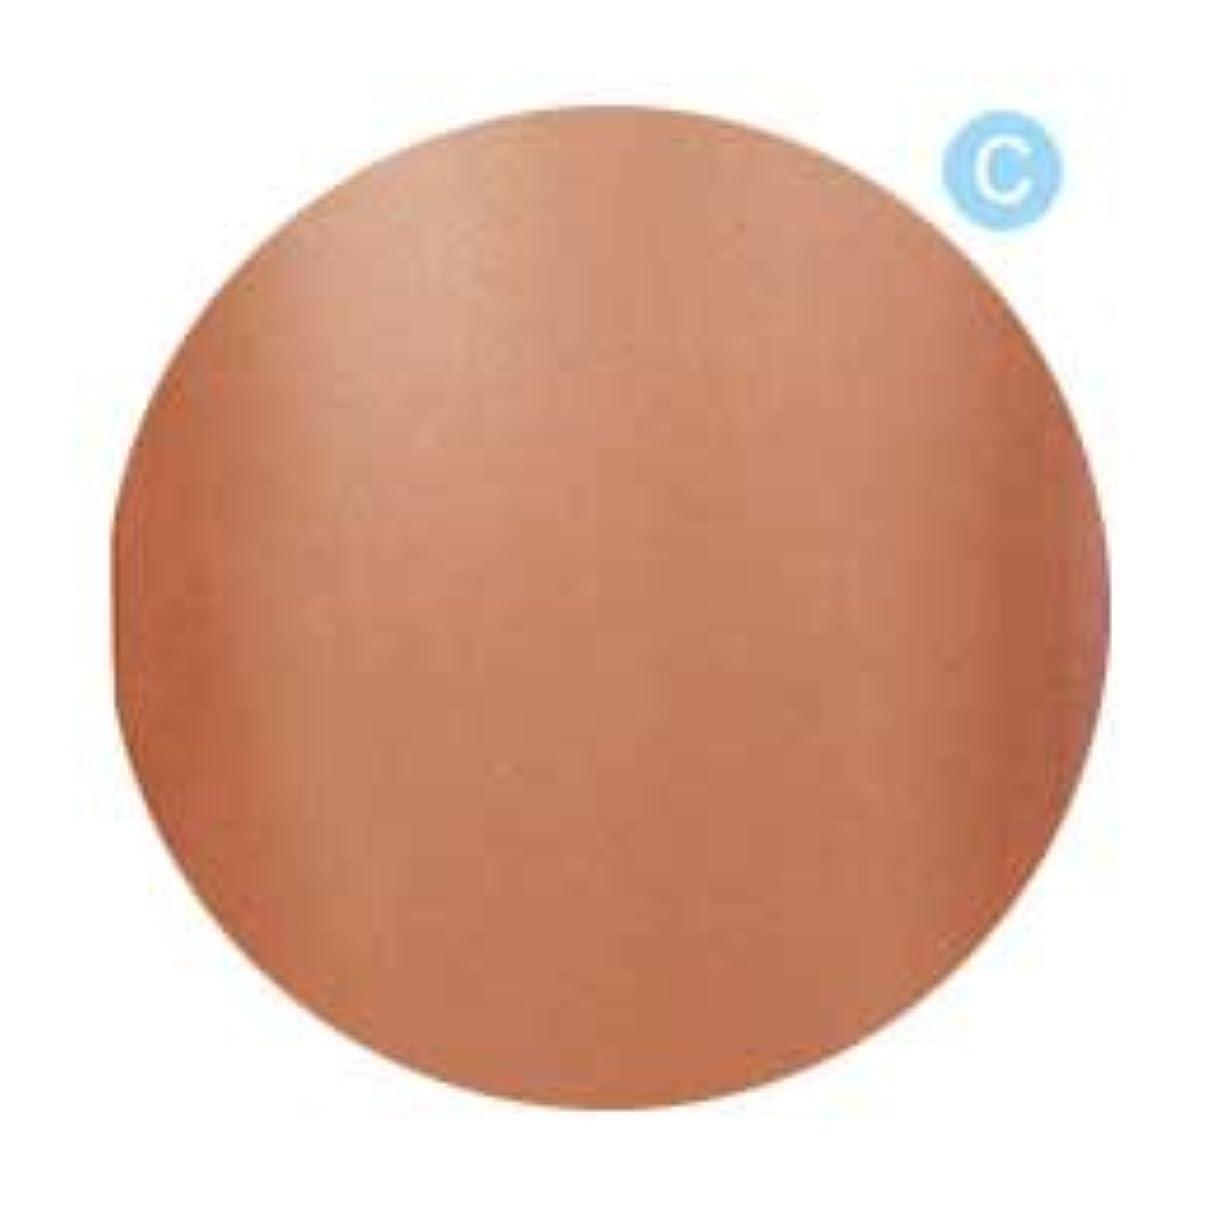 階錆び余分なPalms Graceful カラージェル 3g 021 クリアブラウン